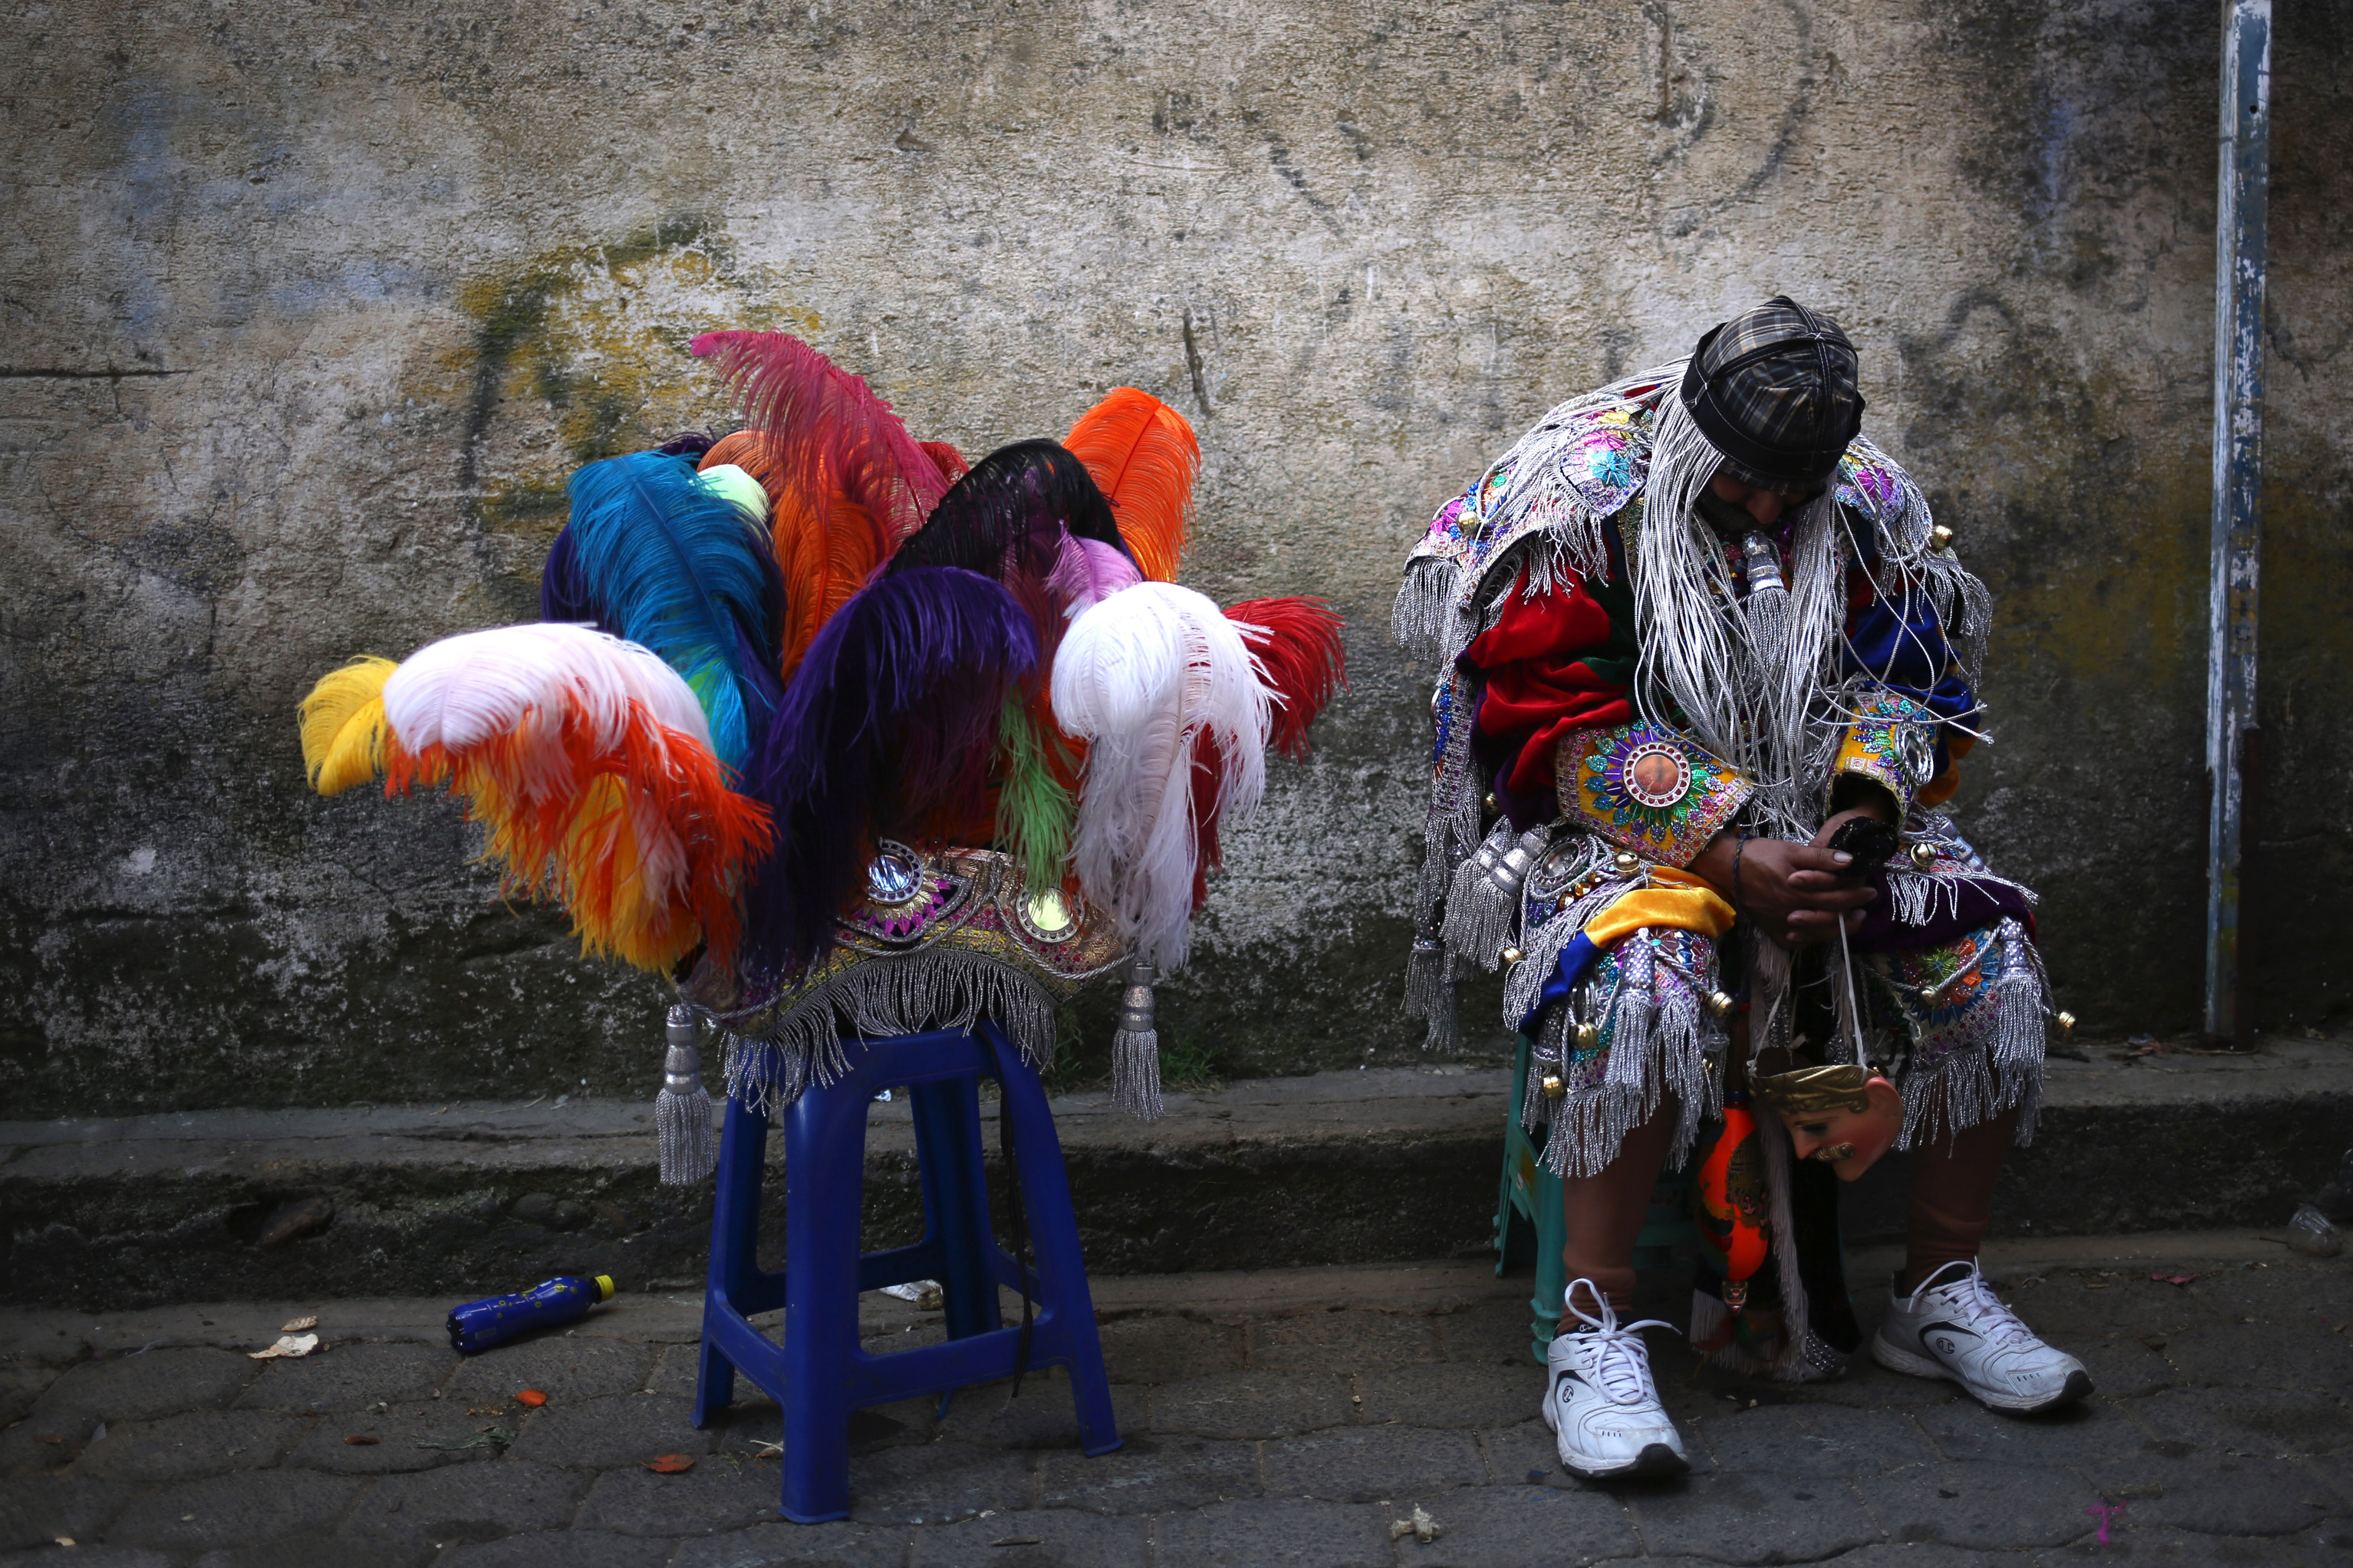 Festivitats de la fira patronal en honor a Sant Tomàs, en el municipi de Chichicastenango, Quiché (Guatemala). /ESTEBAN BIBA